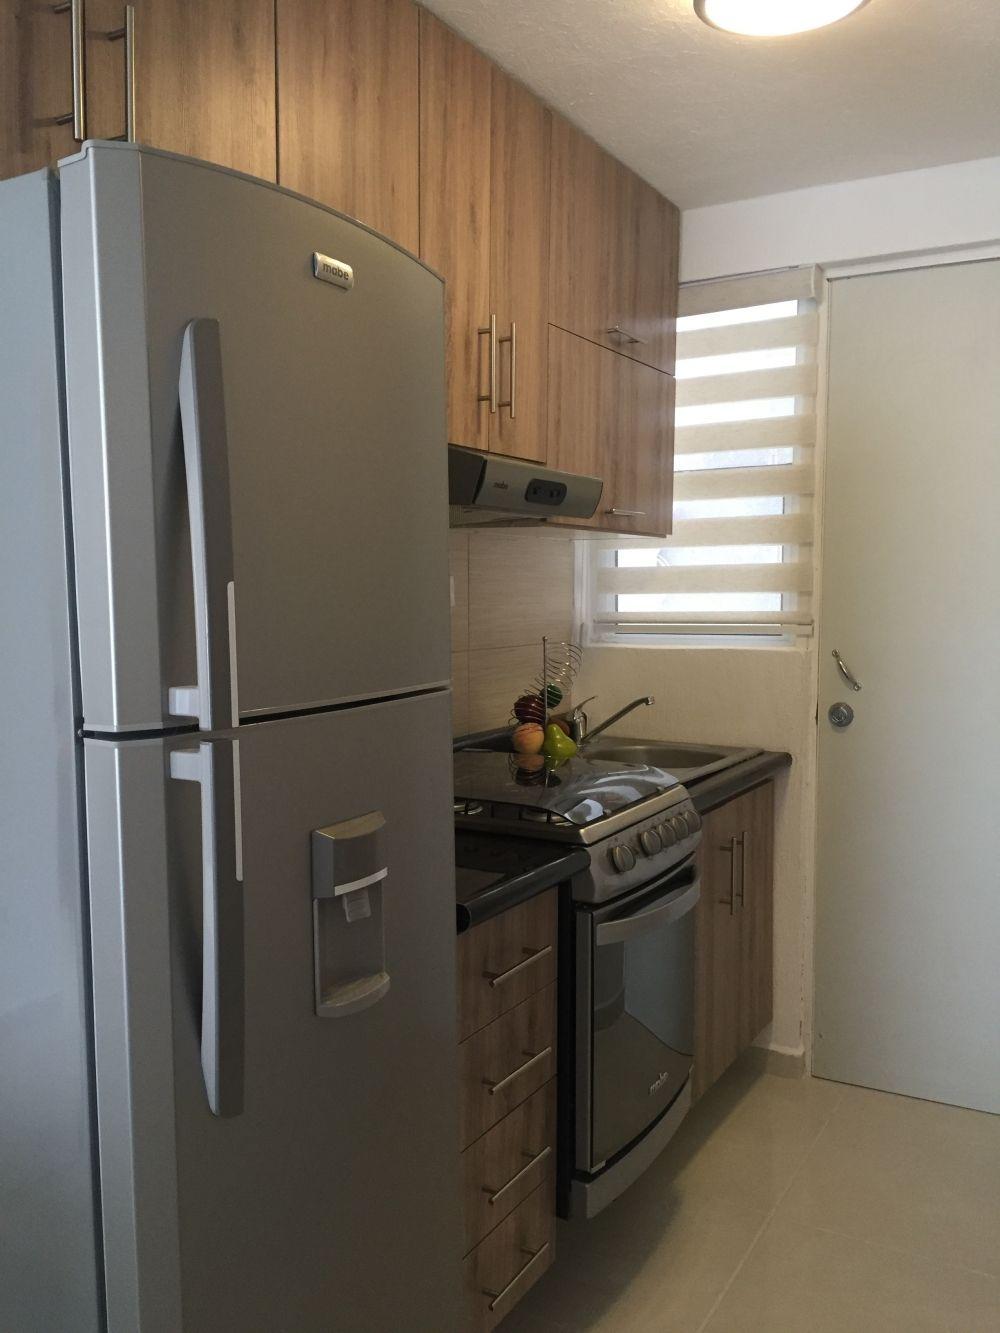 Exterior cosinas peque as dise o de interiores casa for Diseno de interiores para casas pequenas